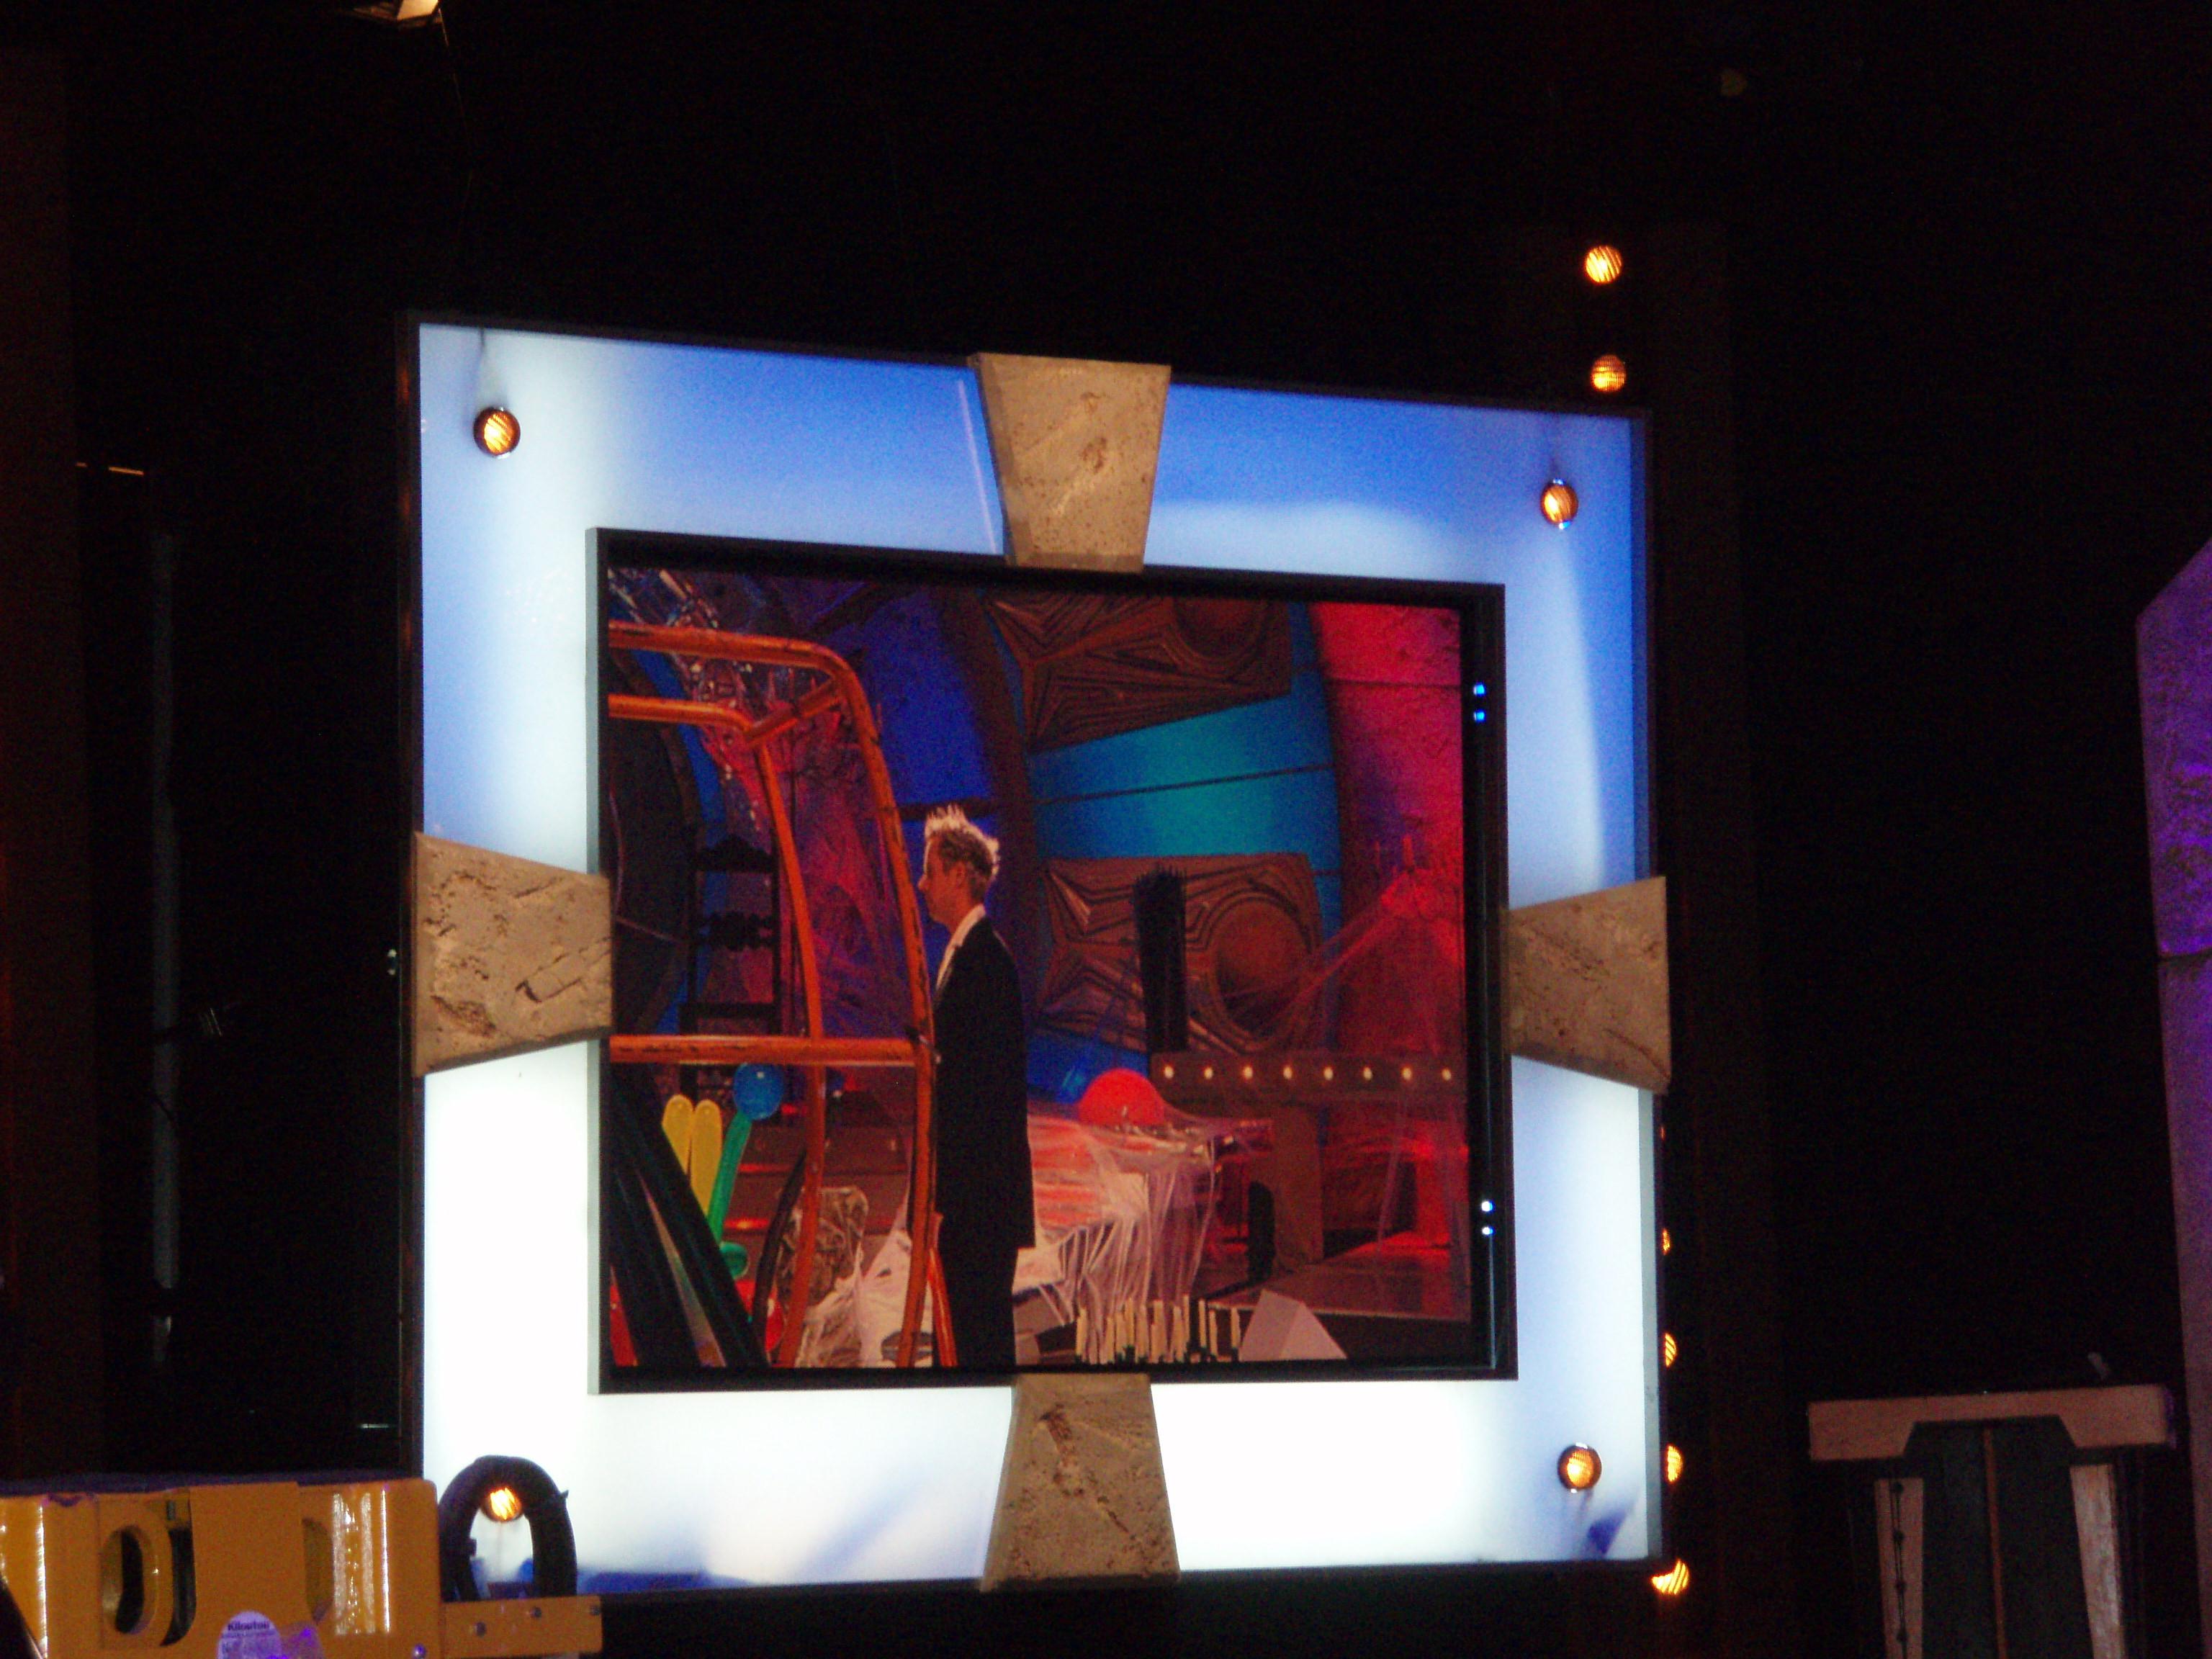 magicien TV vendée hypnose magiethérapie hypnotiseur cours de magie